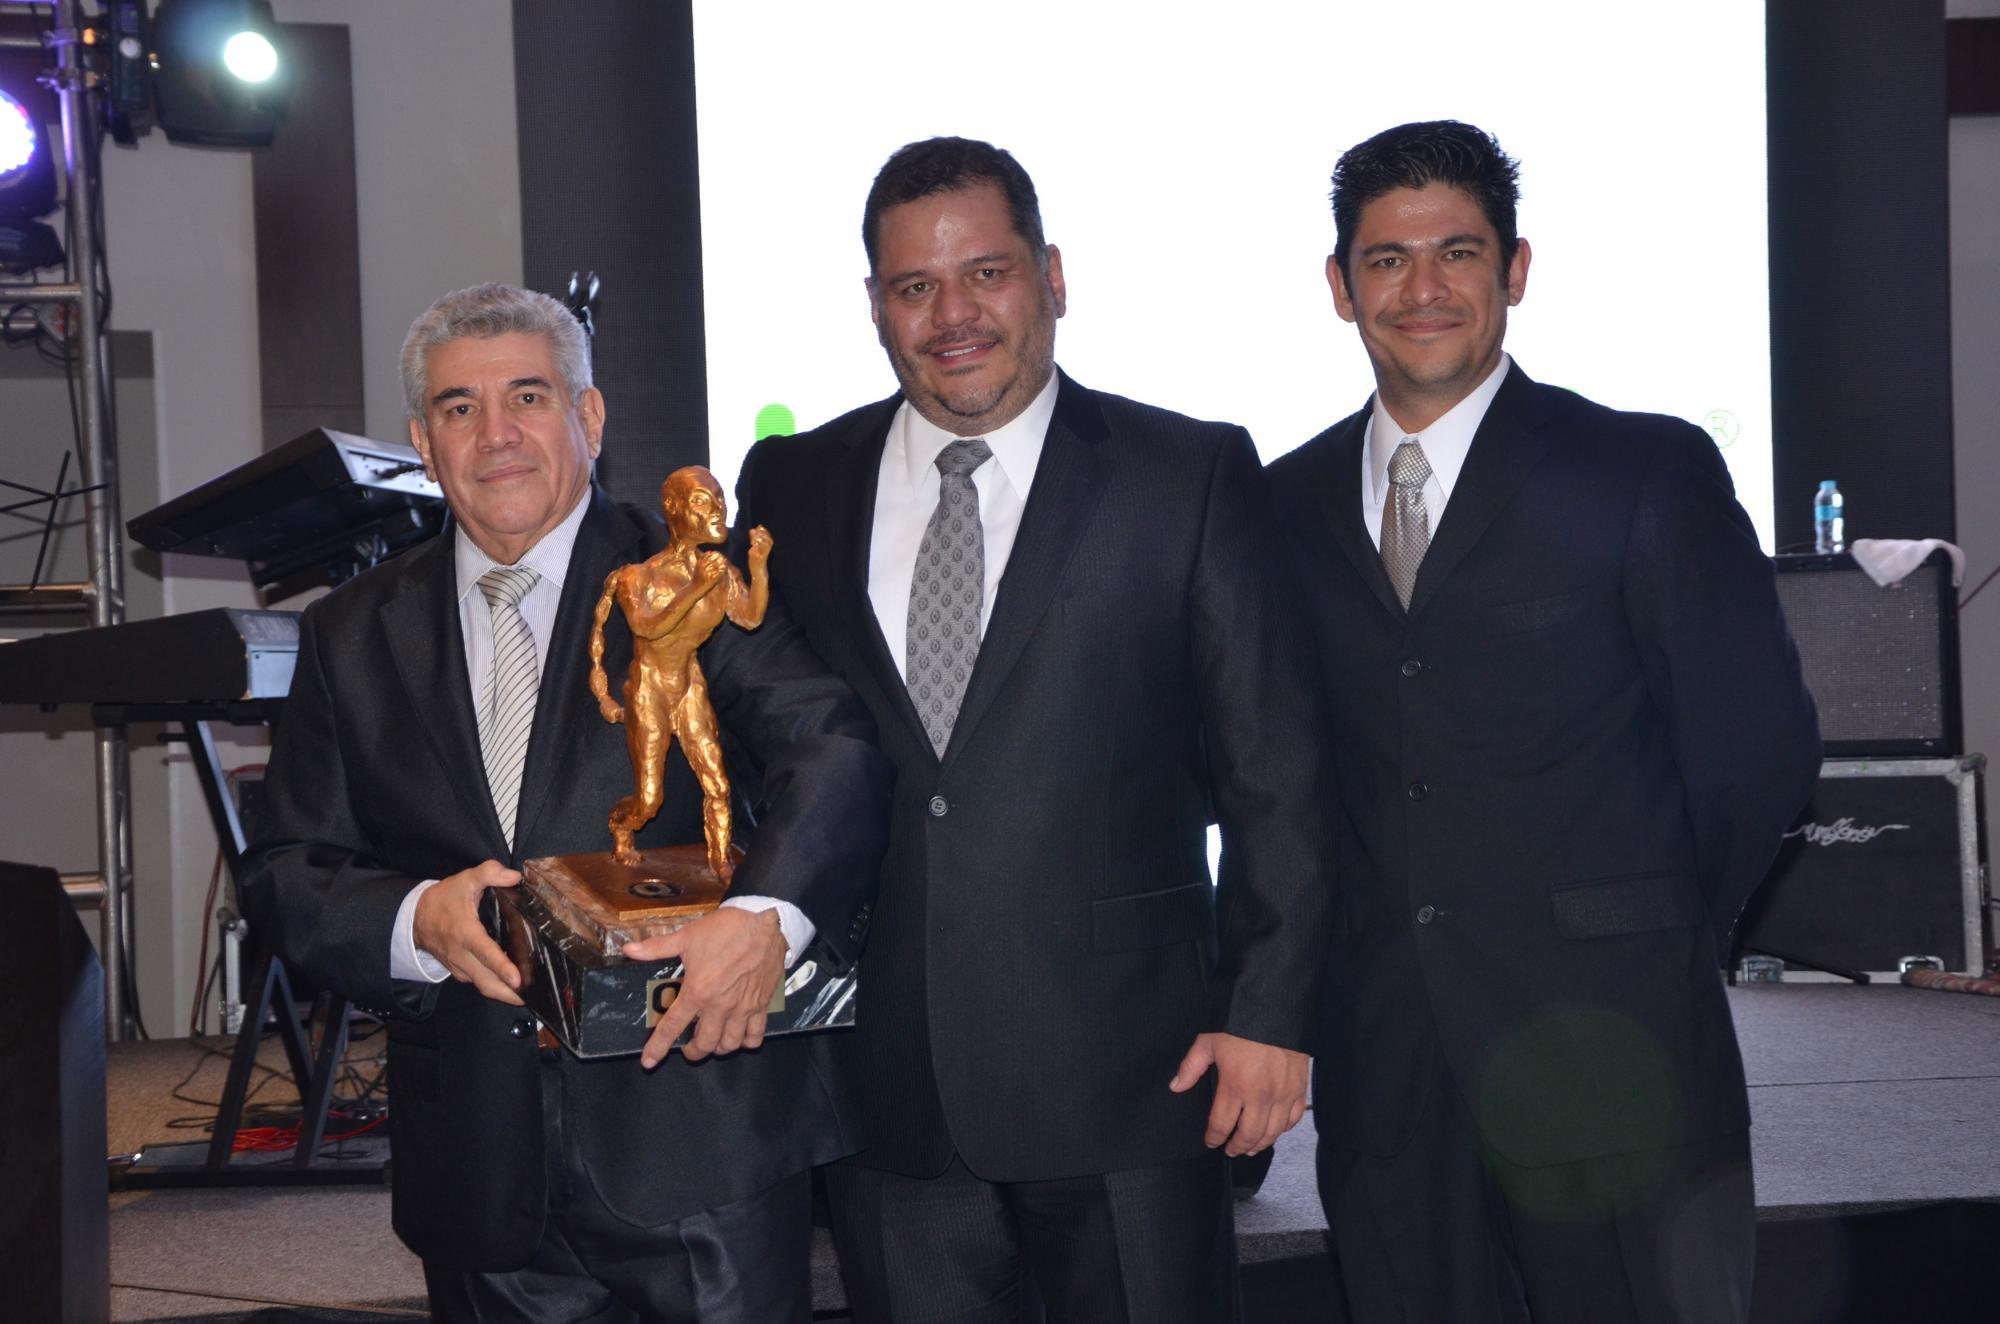 Rodolfo Durán, Fito Durán y Archi Durán con el premio Q